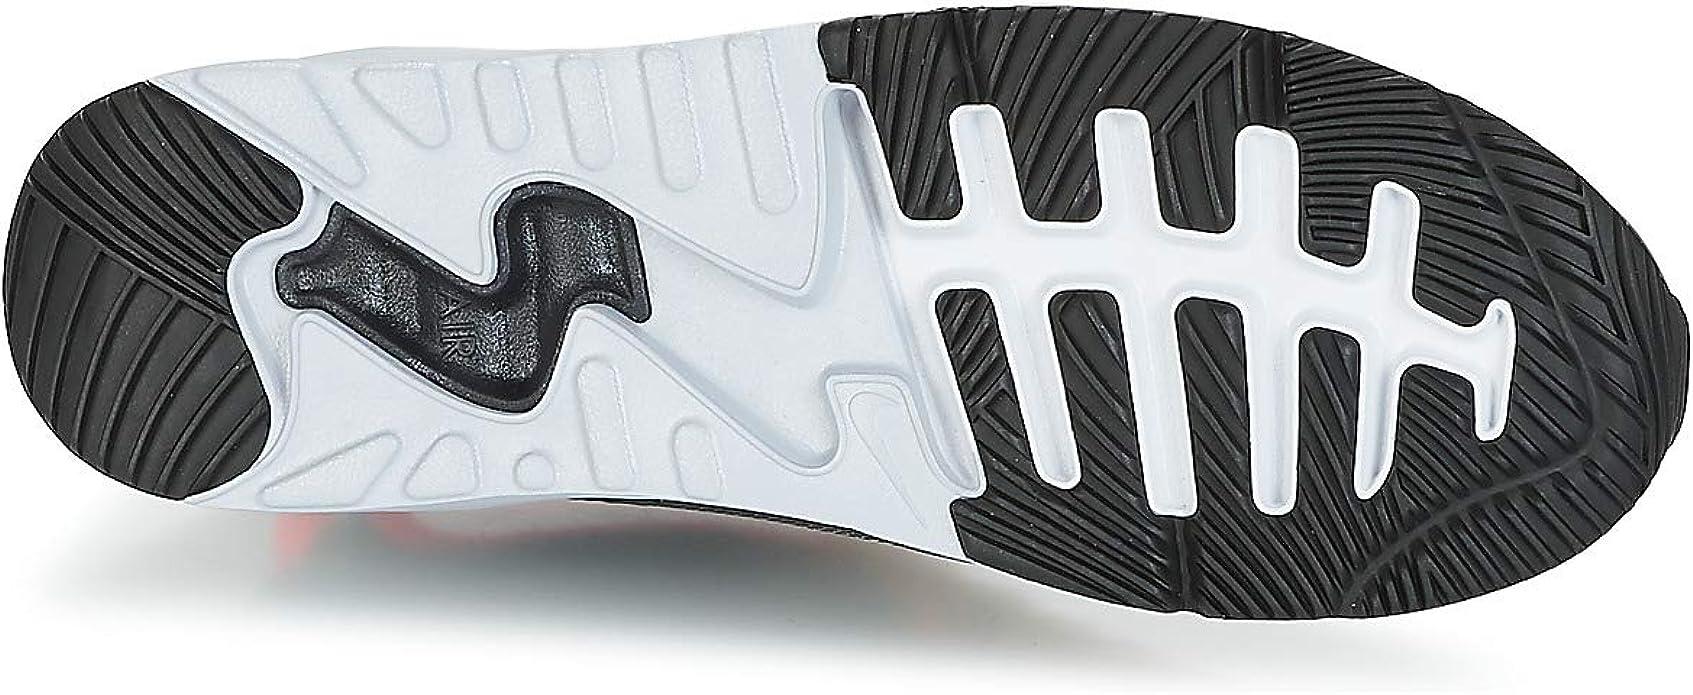 Nike - Zapatillas de Deporte de Otra Piel Hombre, Gris (gris), 39 EU: Amazon.es: Zapatos y complementos